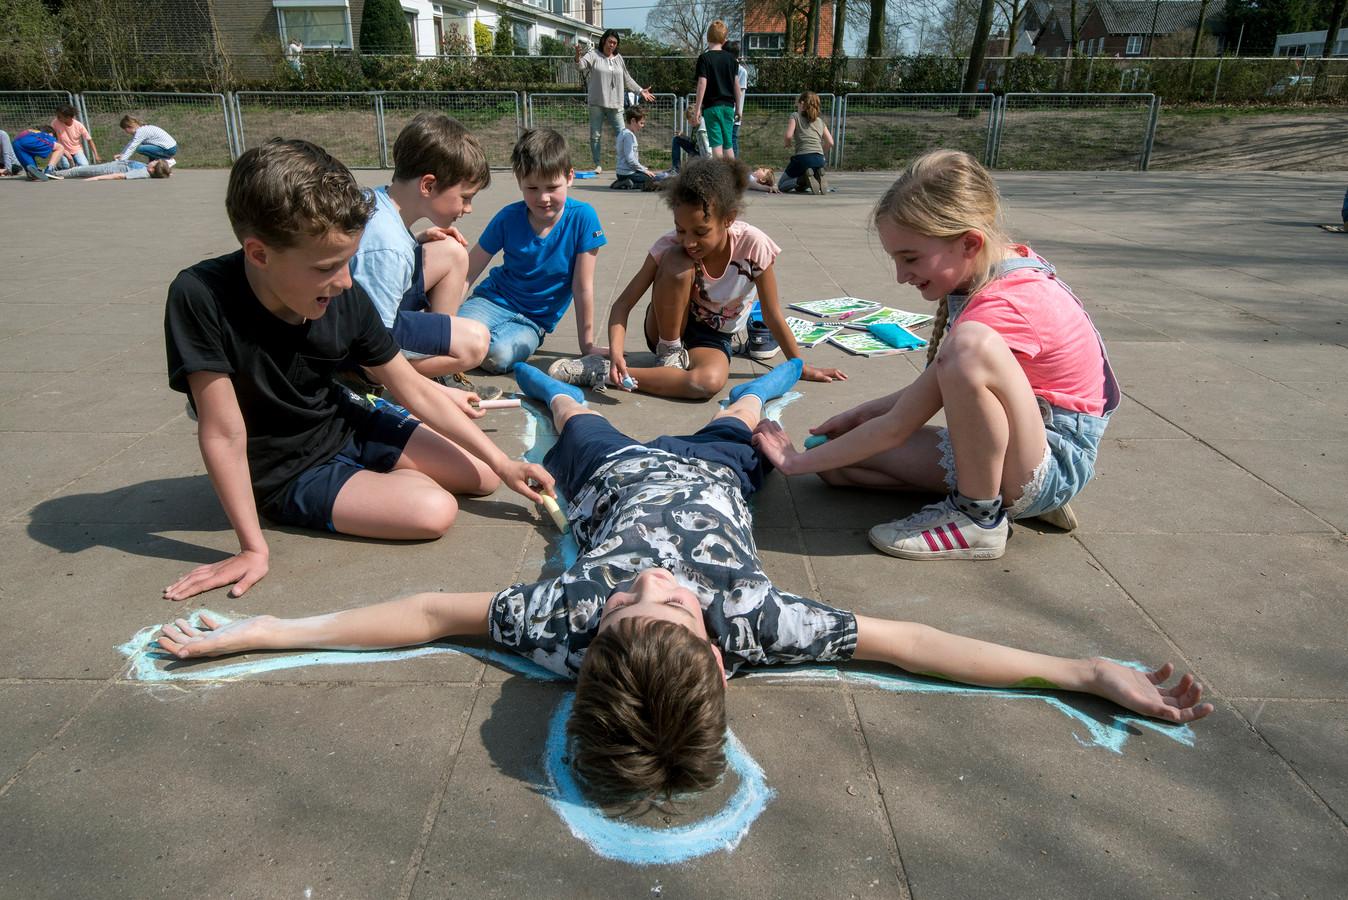 Leerlingen van basisschool De Holtbanck in Rheden, een van de scholen van PCBO Rheden, krijgen op deze archieffoto buiten les.